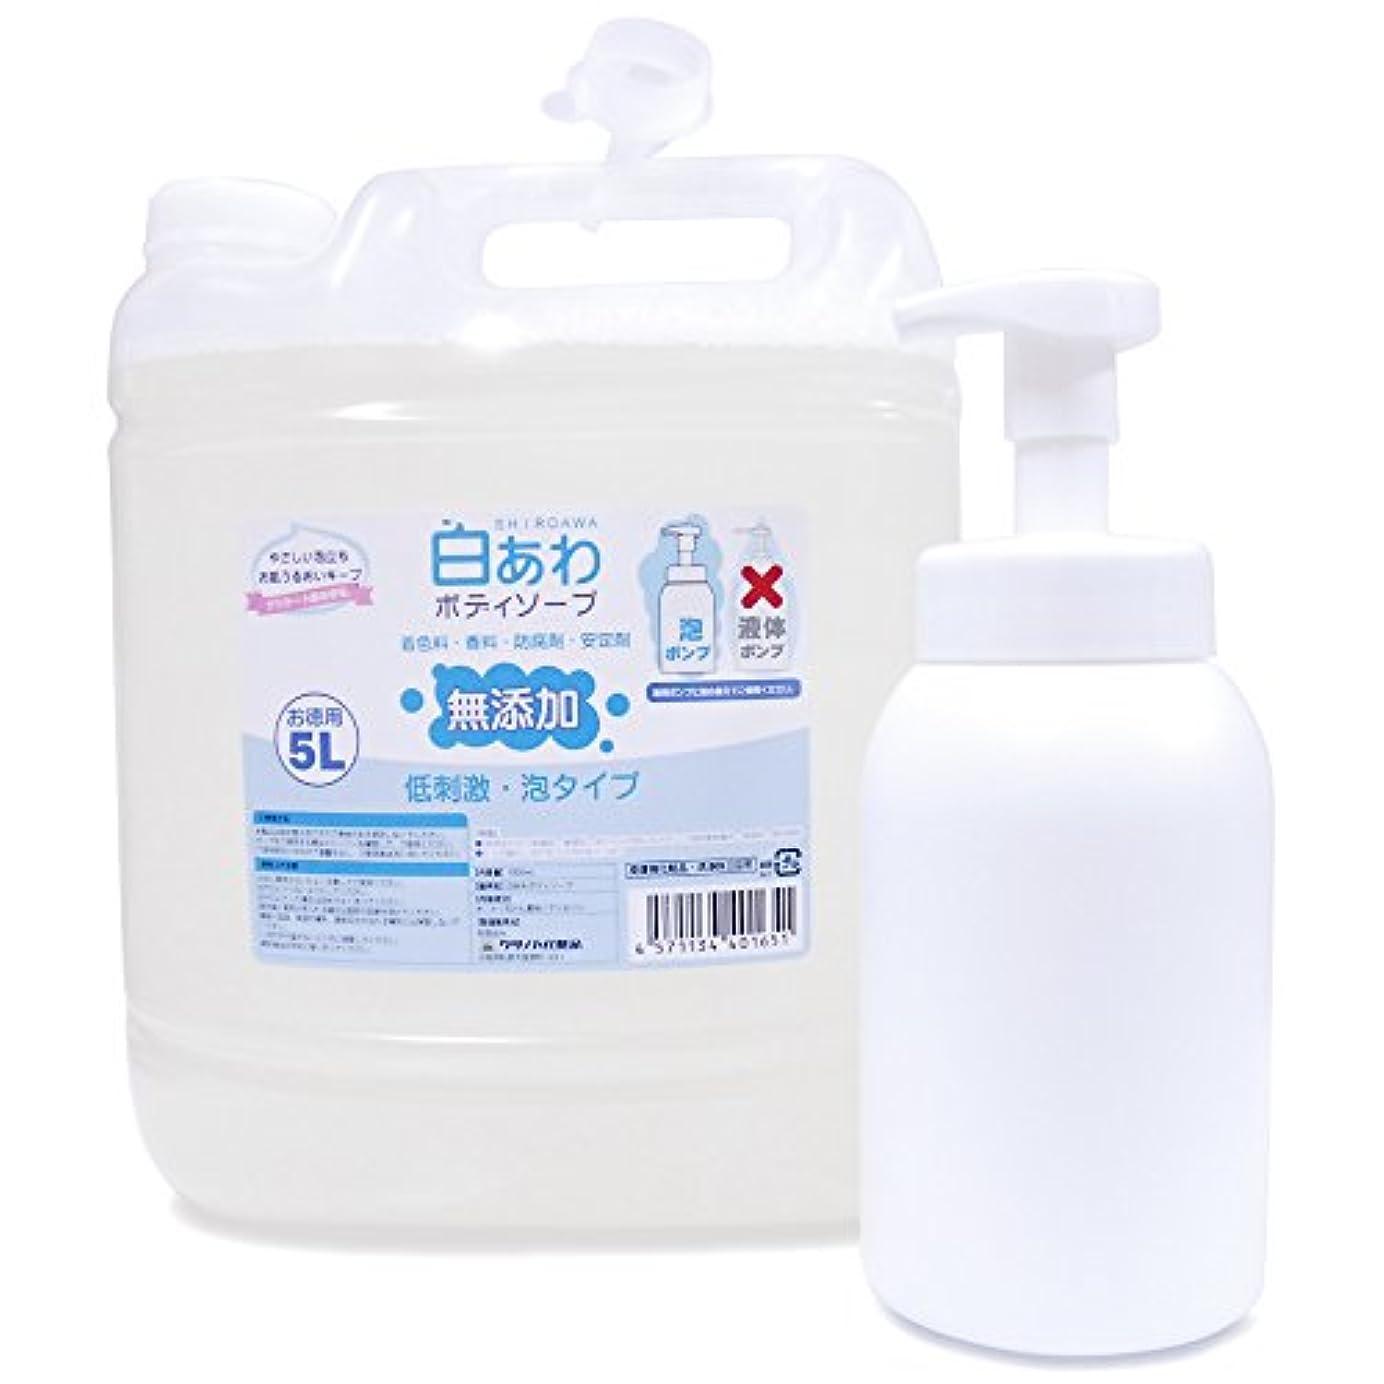 砂大事にするリマーク【無添加】白あわボディソープ 5L ポンプ容器セット